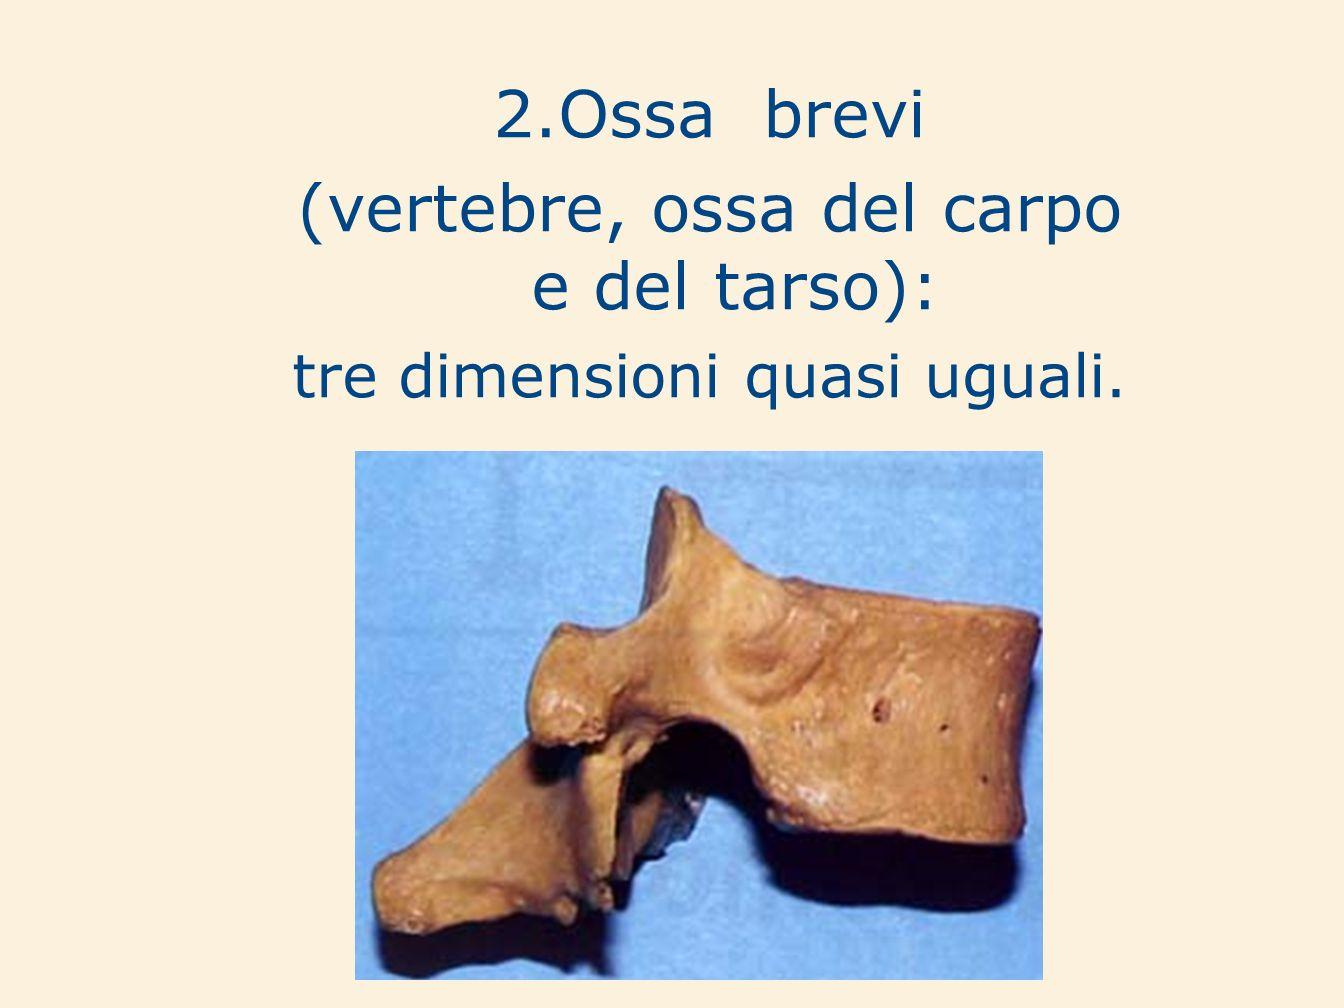 2.Ossa brevi (vertebre, ossa del carpo e del tarso): tre dimensioni quasi uguali.